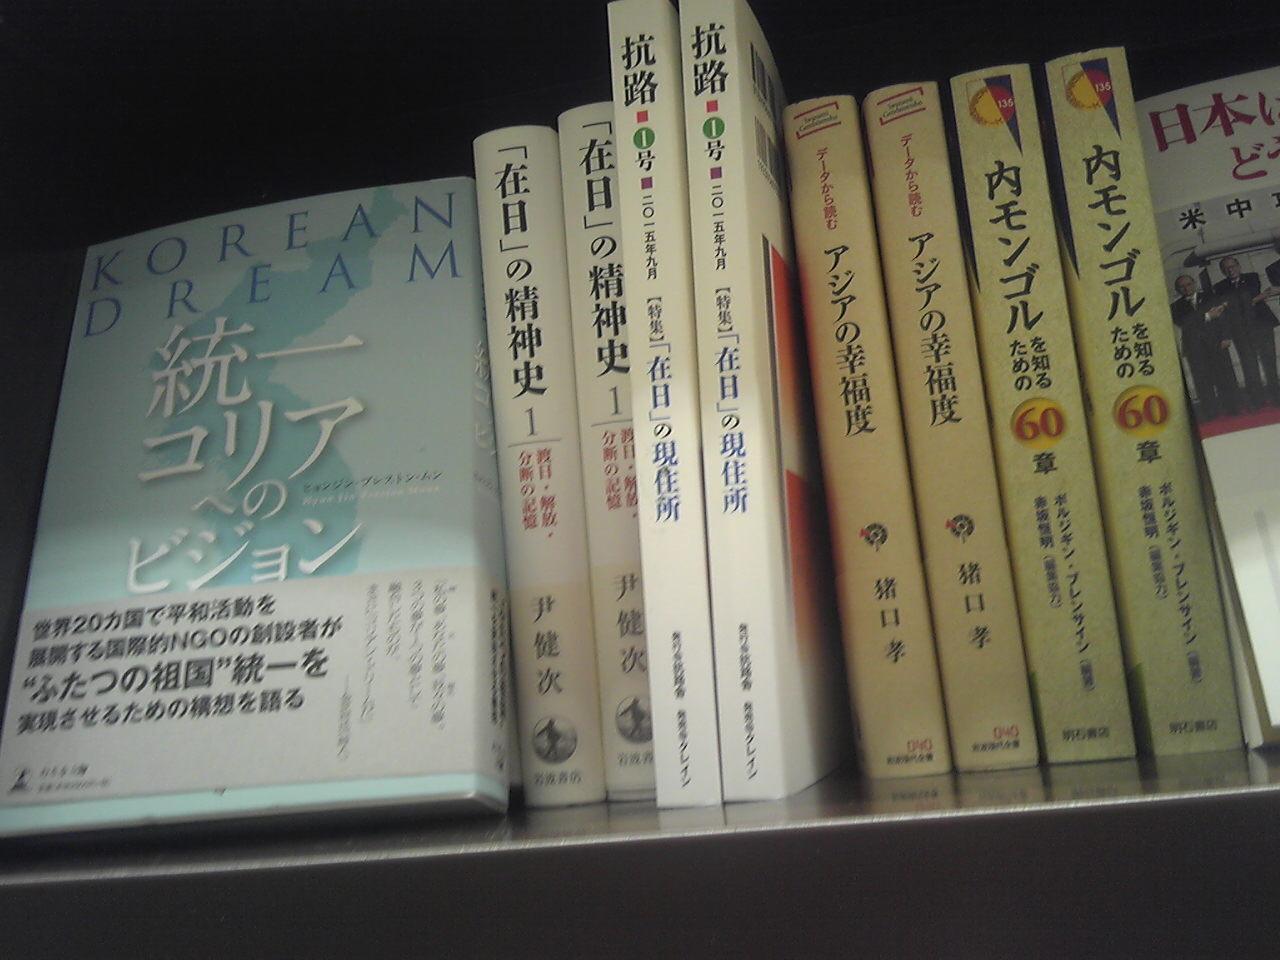 丸善、韓国・朝鮮時事のコーナー。『抗路』、やっと三冊入れてくれた☆一冊は売れたのだそう。